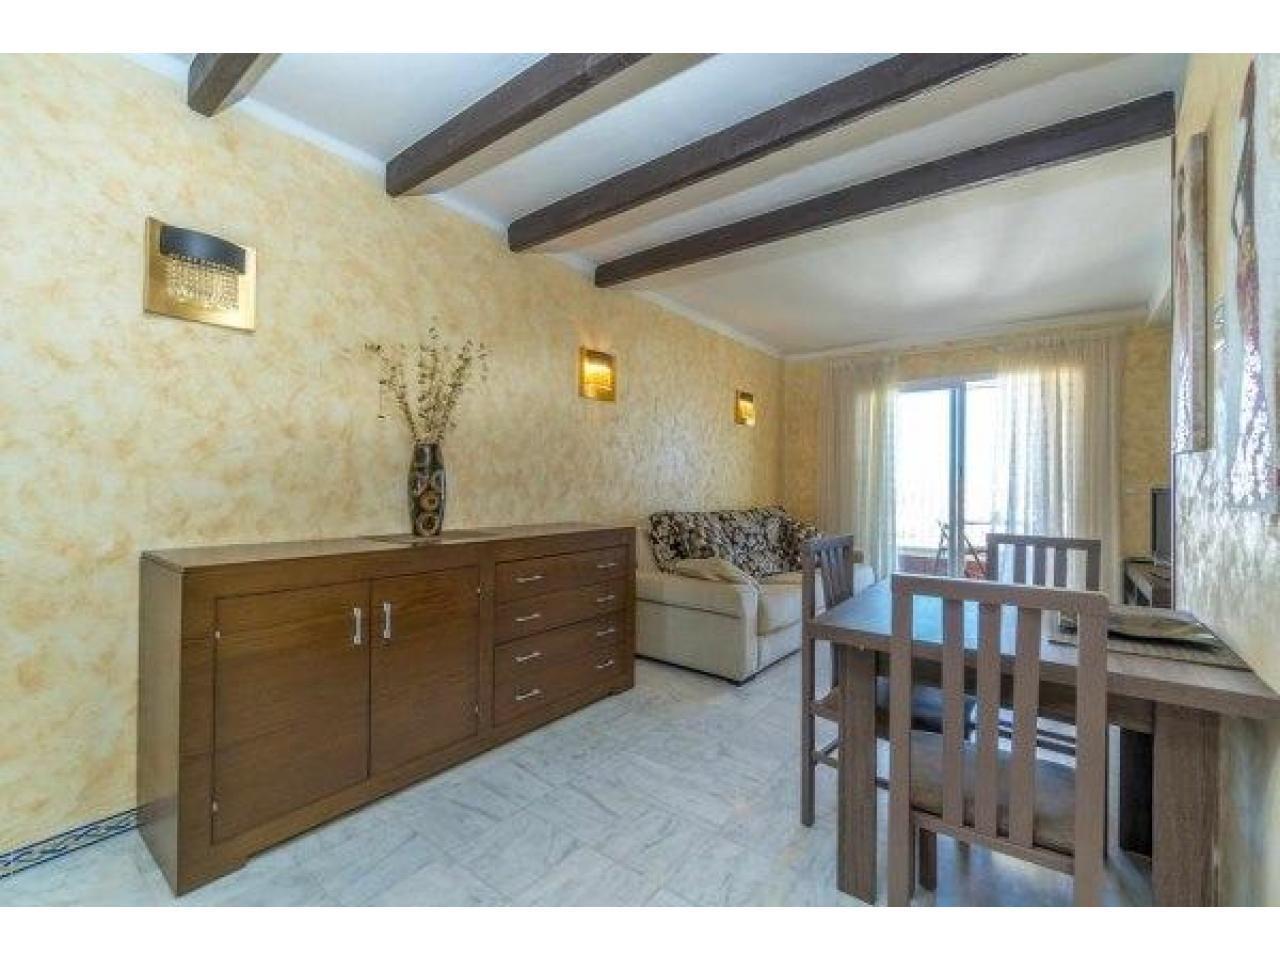 Недвижимость в Испании, Квартира с видом на море в Торревьеха,Коста Бланка,Испания - 2